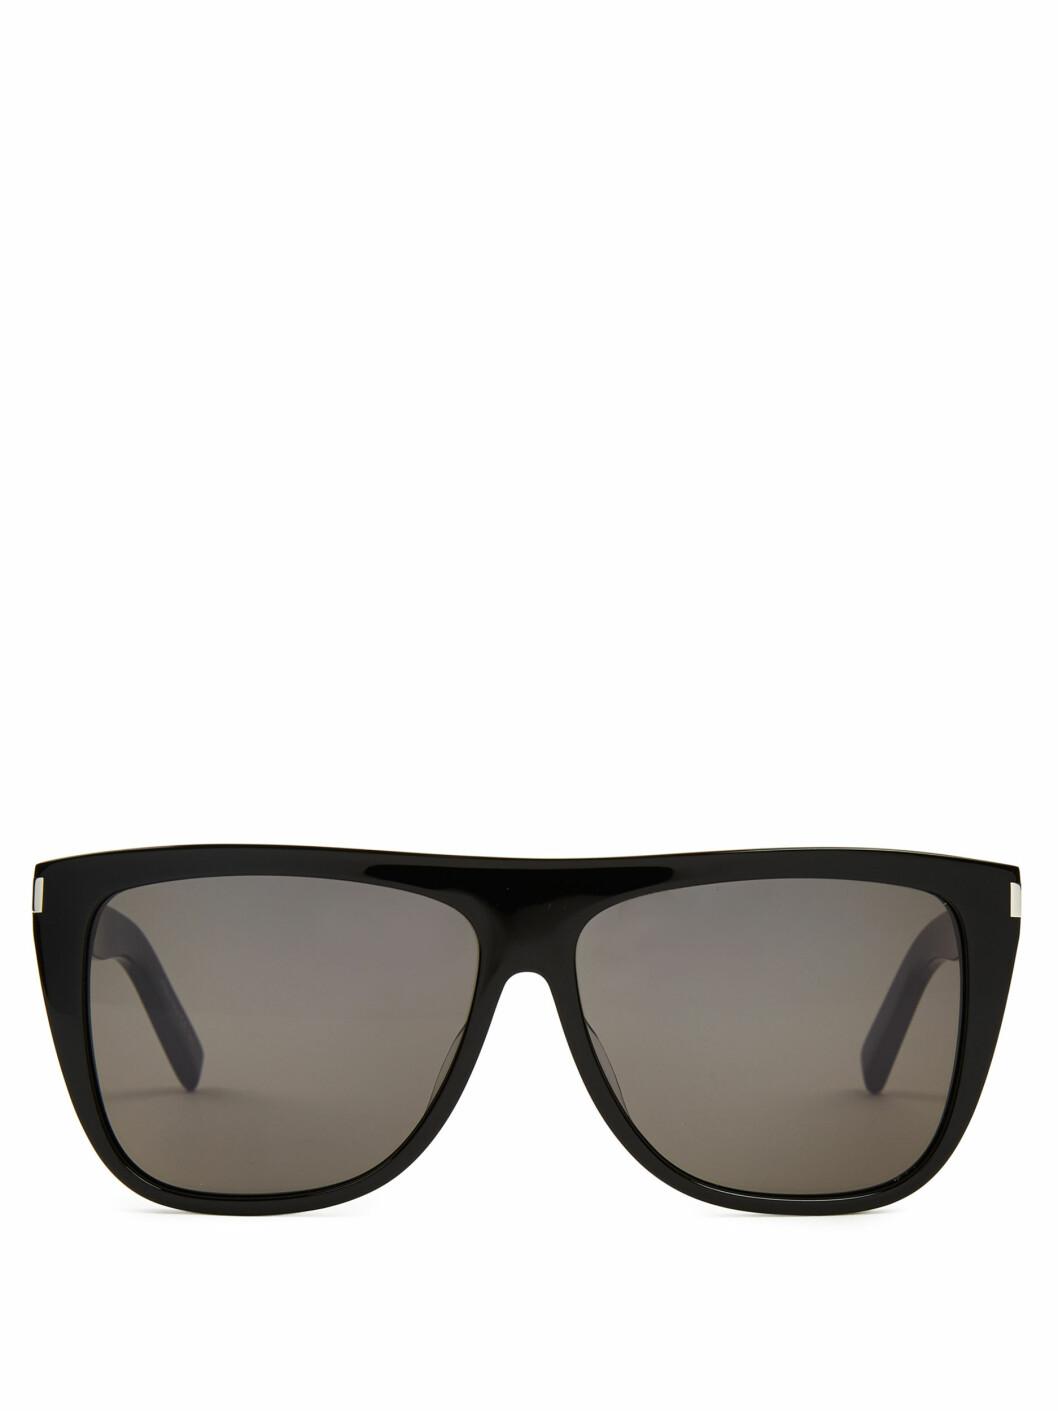 Solbriller fra Saint Laurent via Matchesfashion.com | kr 2030 | http://www.matchesfashion.com/intl/products/Saint-Laurent-Flat-top-acetate-sunglasses%09-1039605